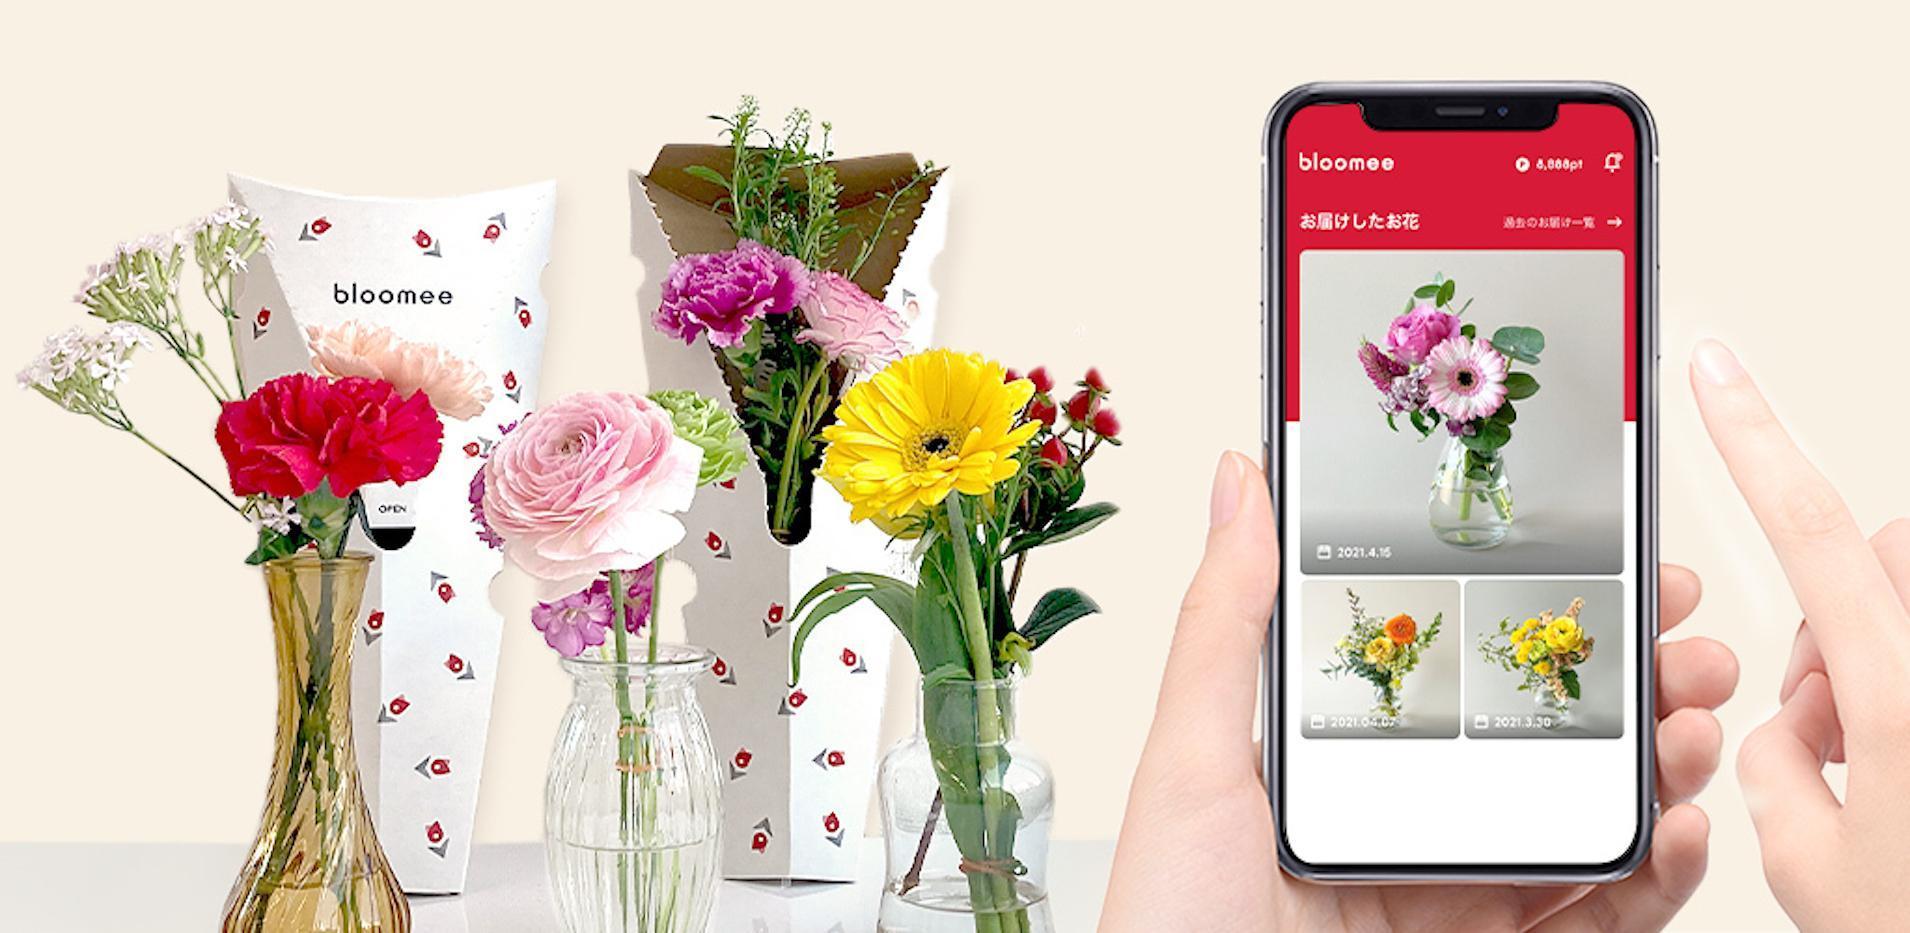 【大阪立ち上げ】未来の花屋を創るフラワーキャストを大募集!